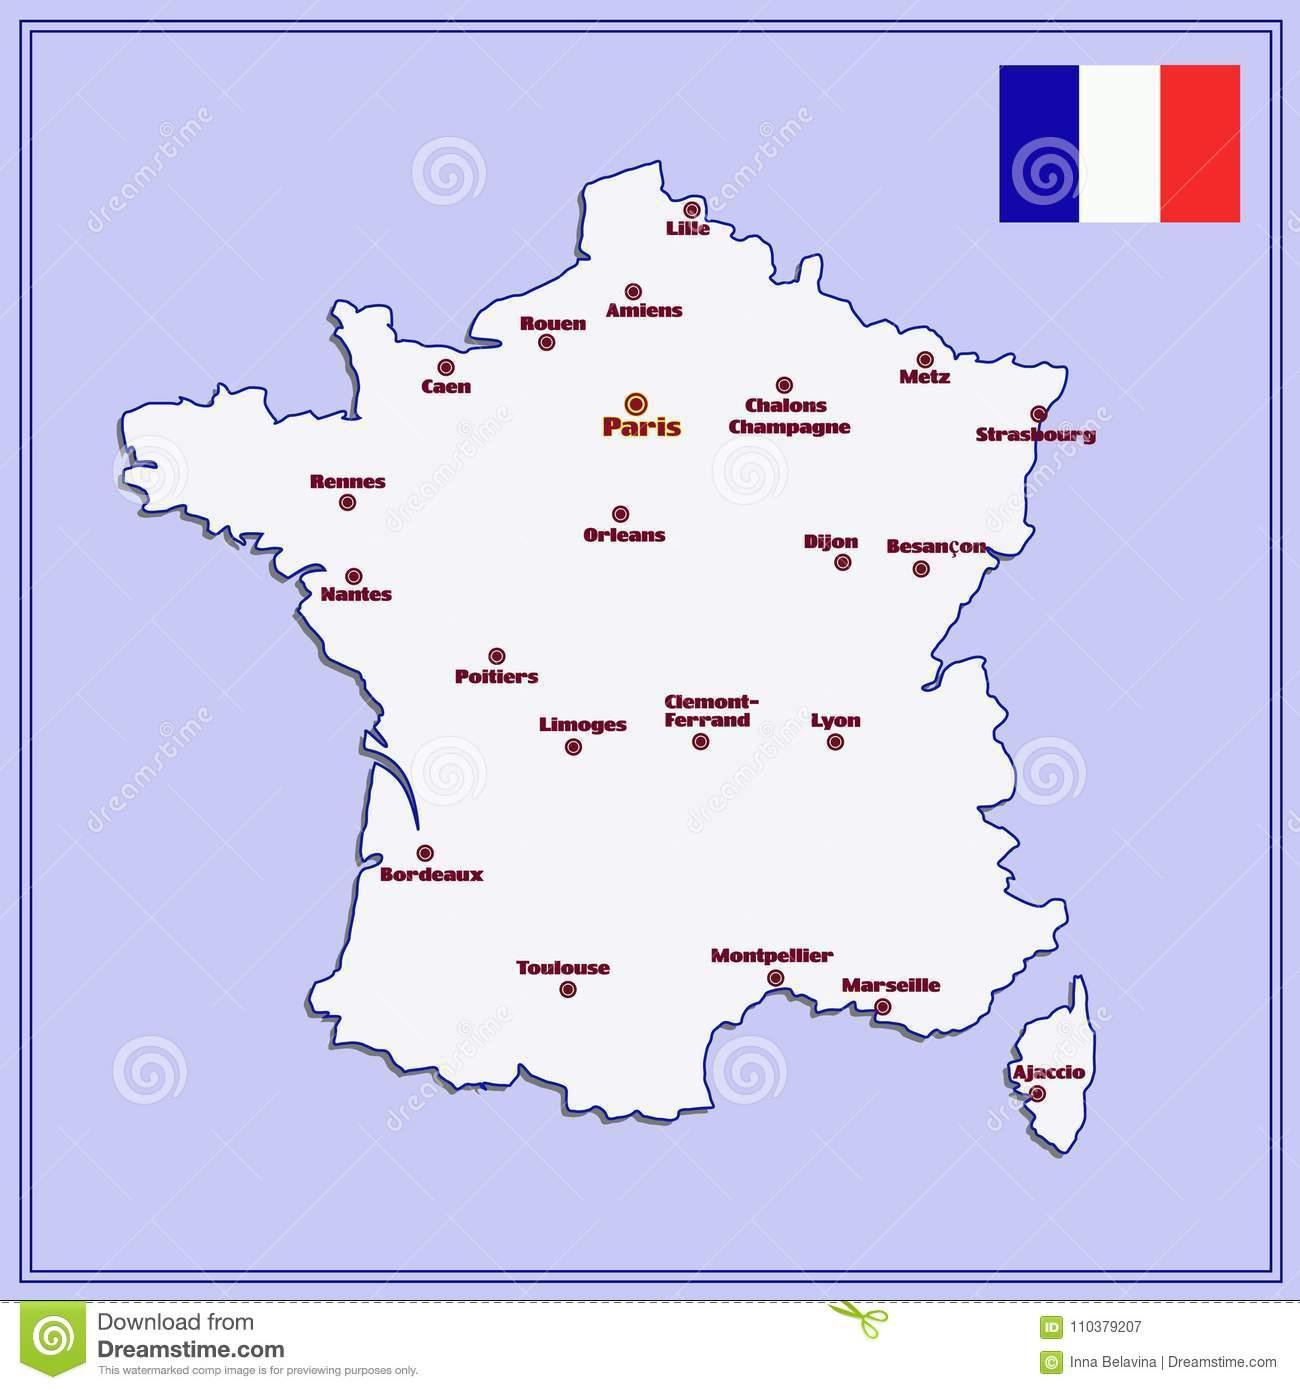 Carte Des Frances Avec De Grandes Villes Illustration Stock destiné Carte De France Avec Grandes Villes